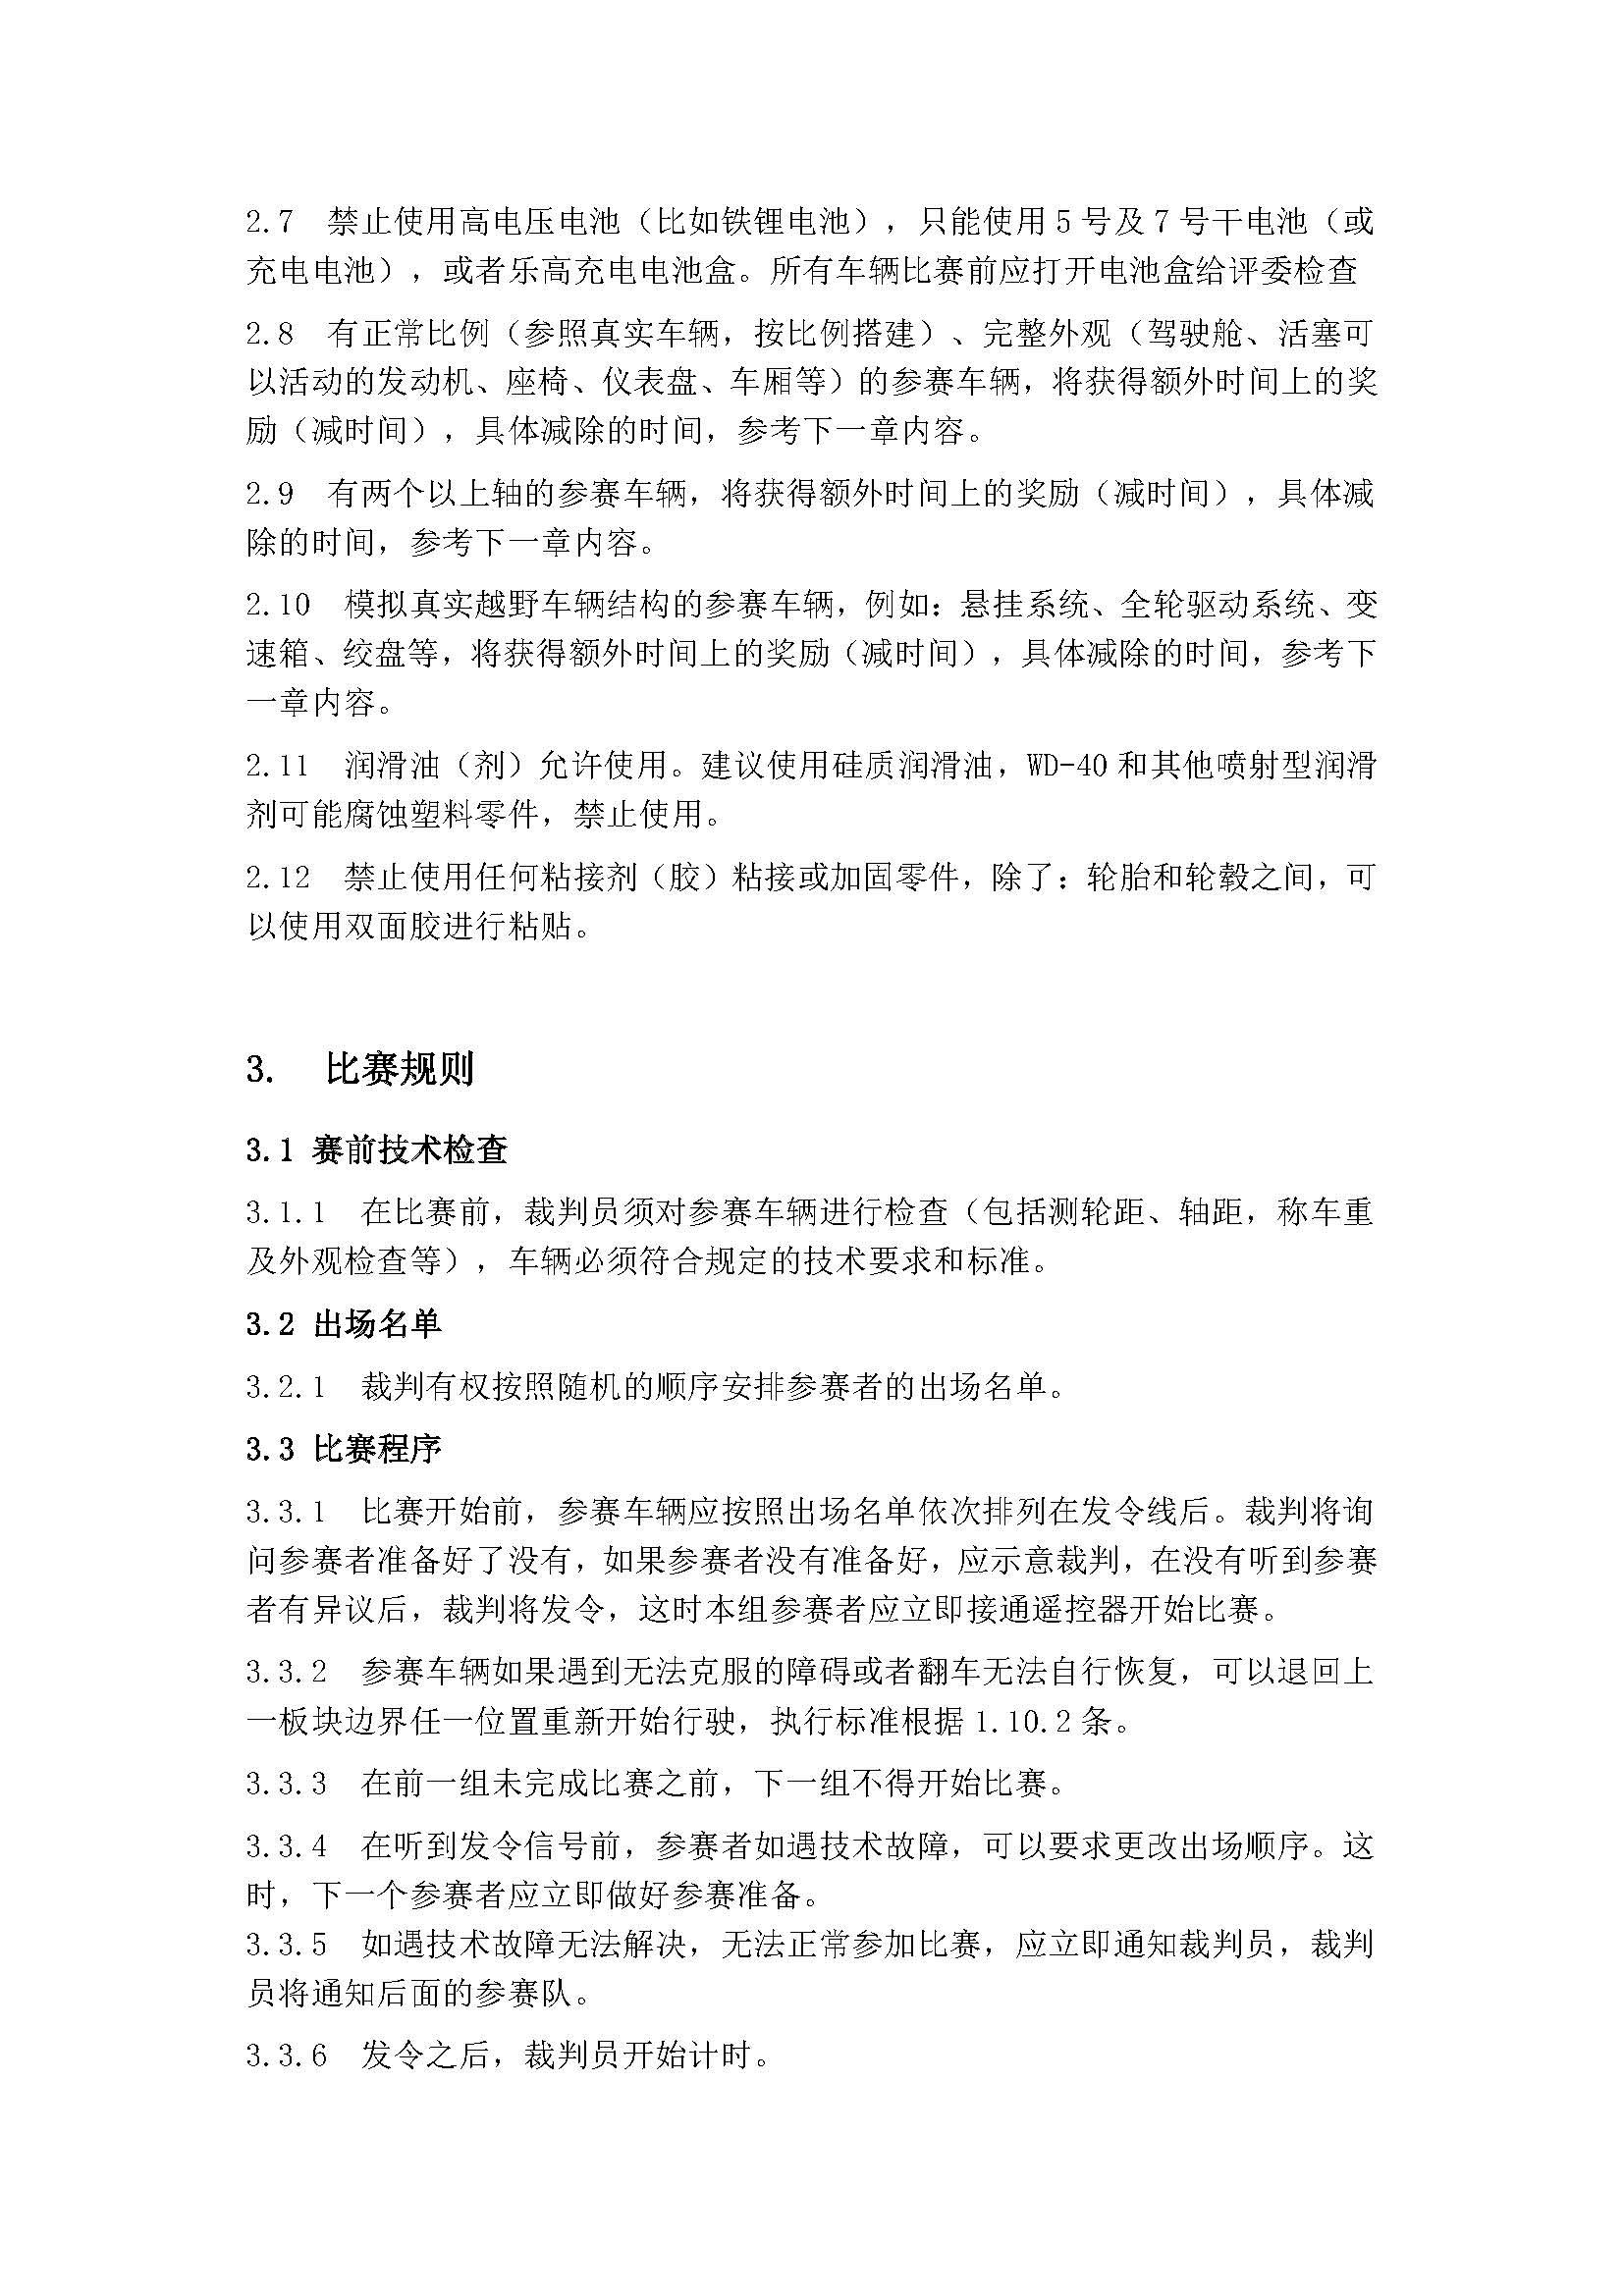 乐高越野车比赛规则_V8_页面_07